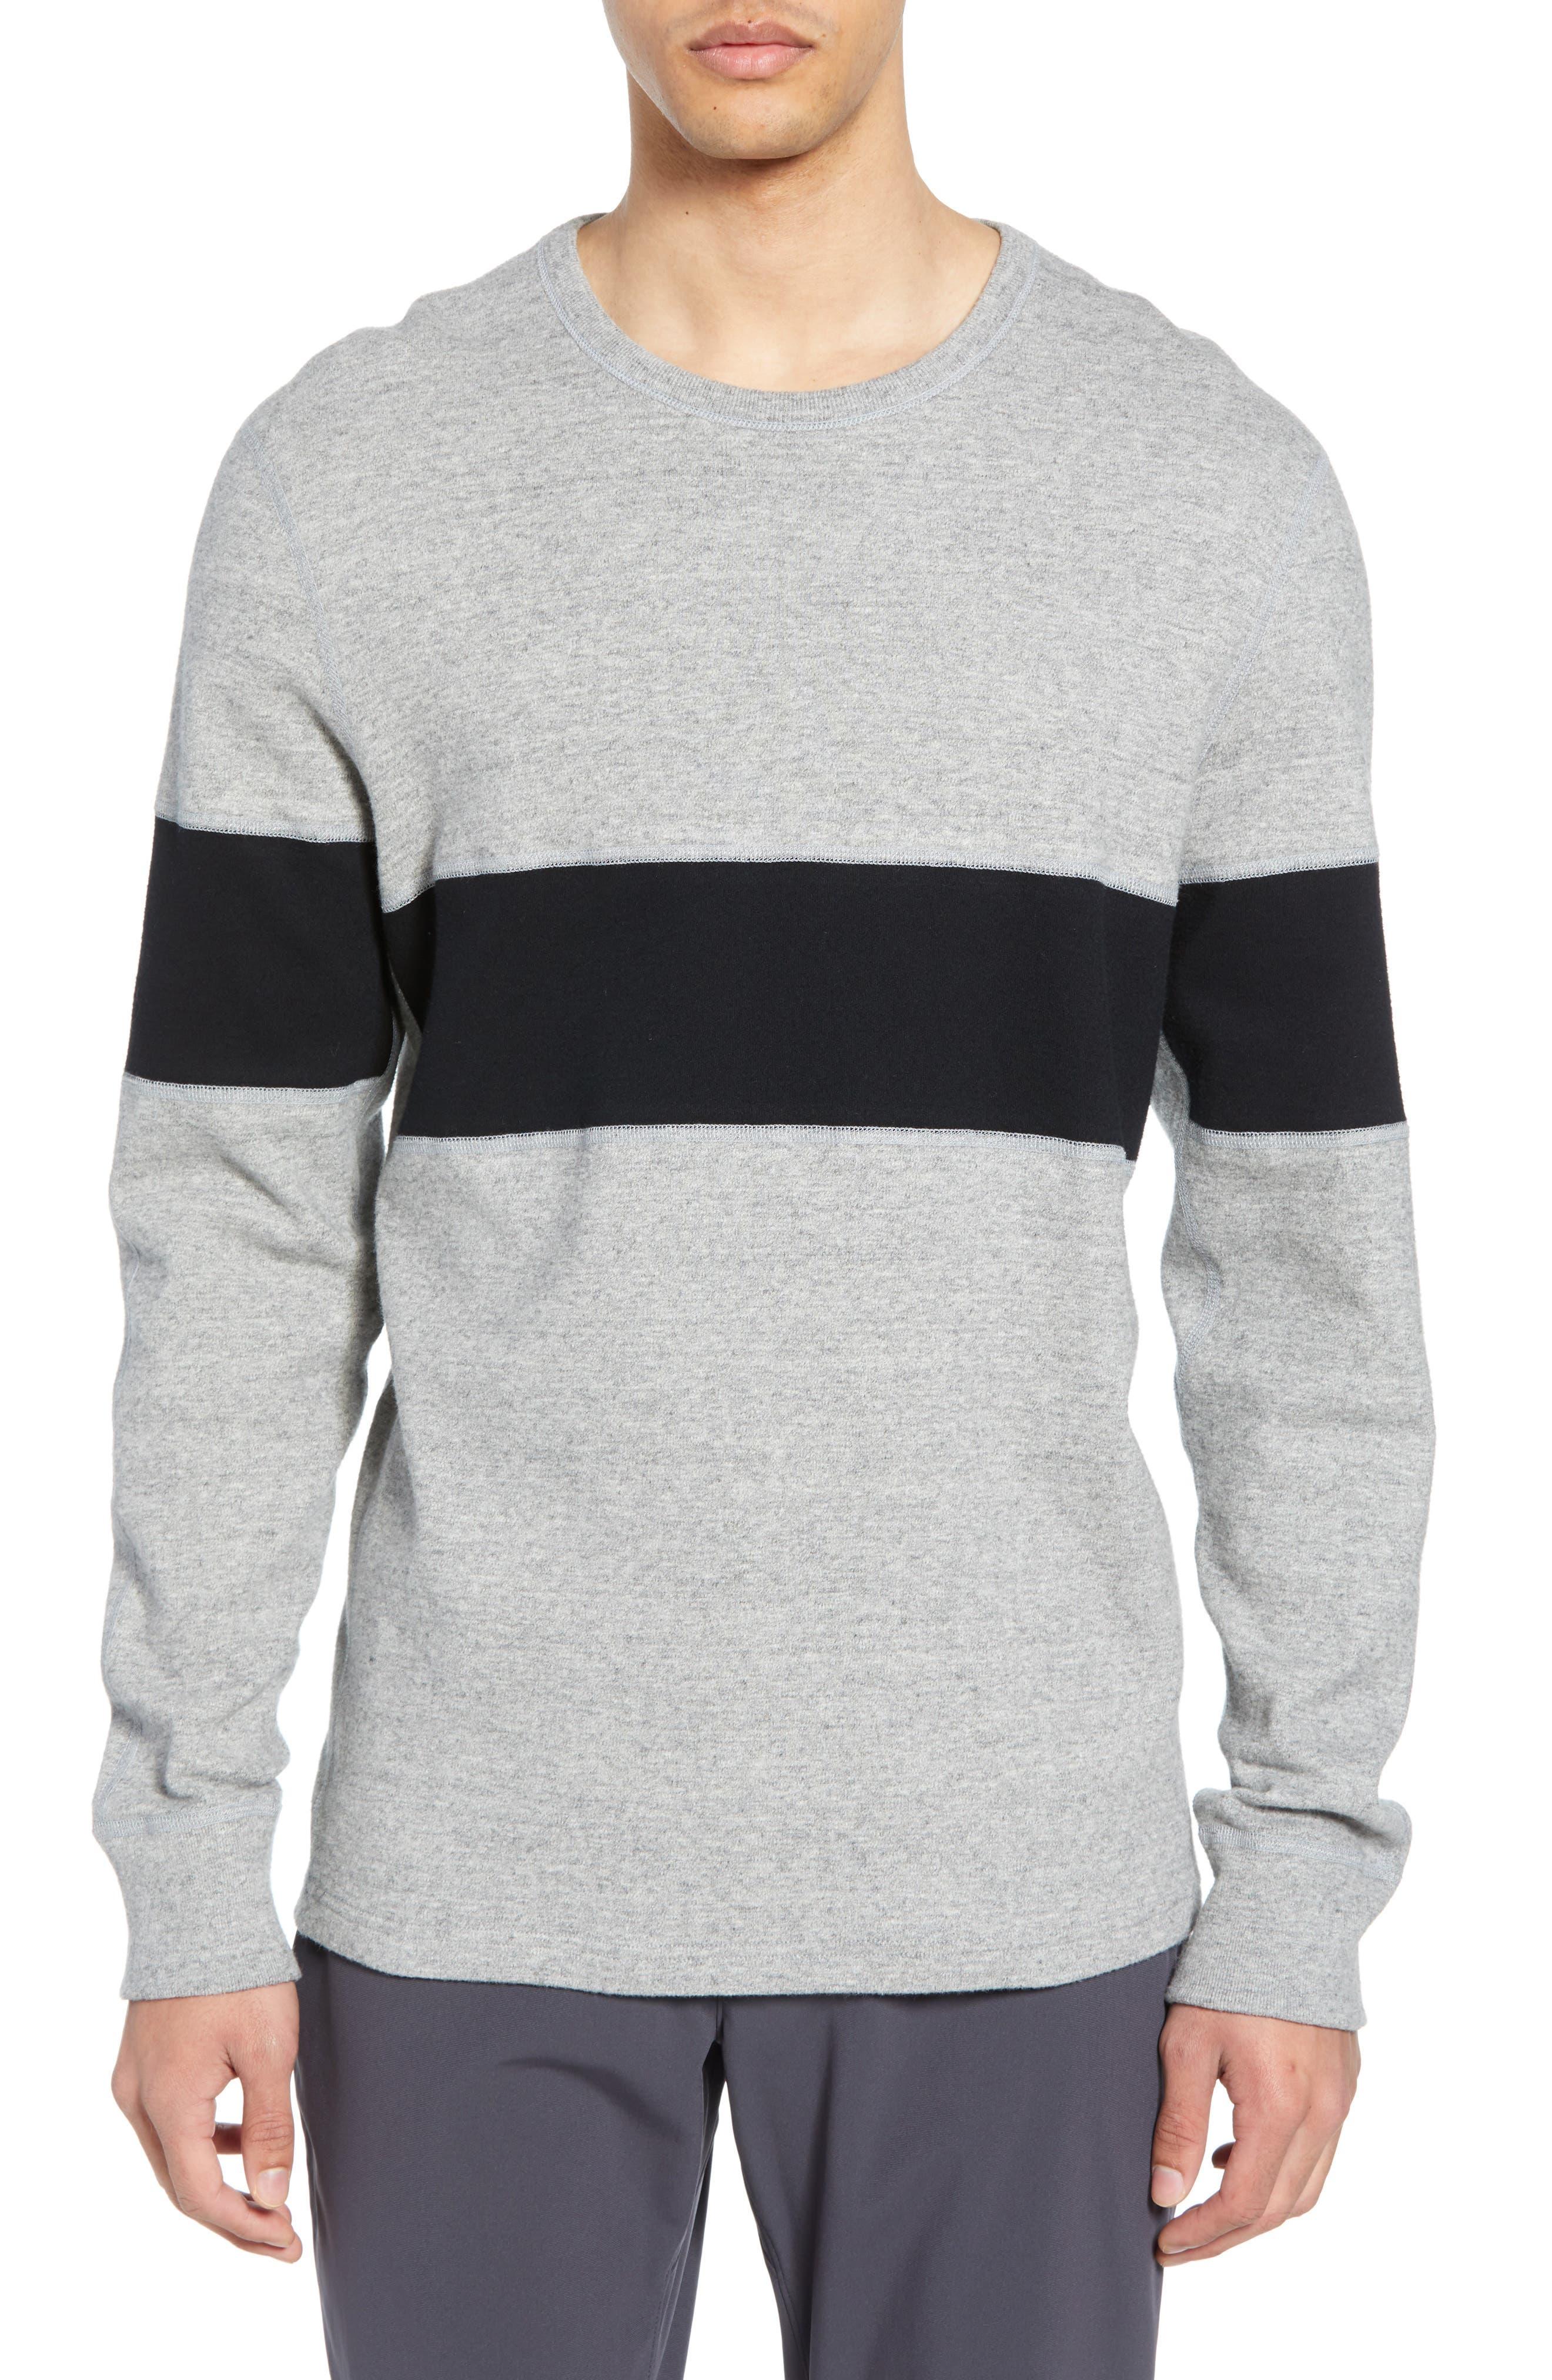 Rugby Crewneck Sweatshirt, Main, color, MEDIUM GREY/ BLACK